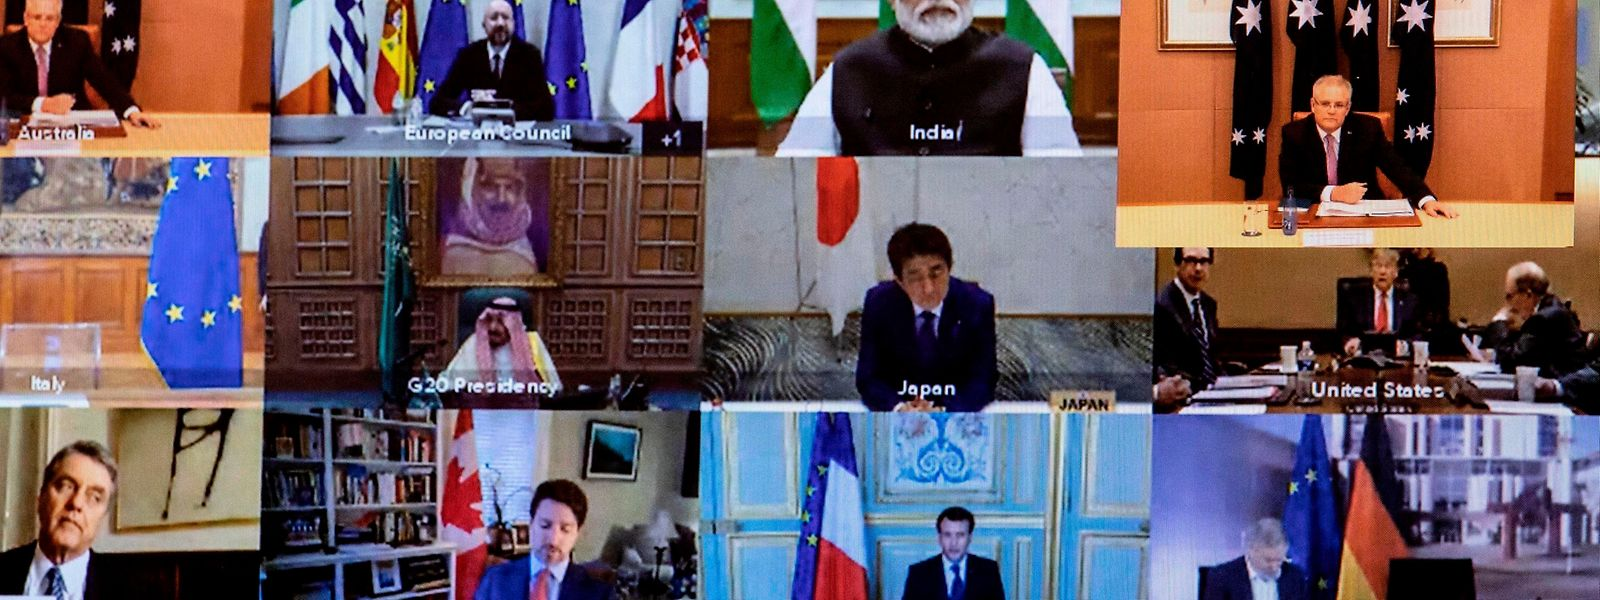 Les dirigeants du G20 étaient réunis jeudi en sommet par visioconférence